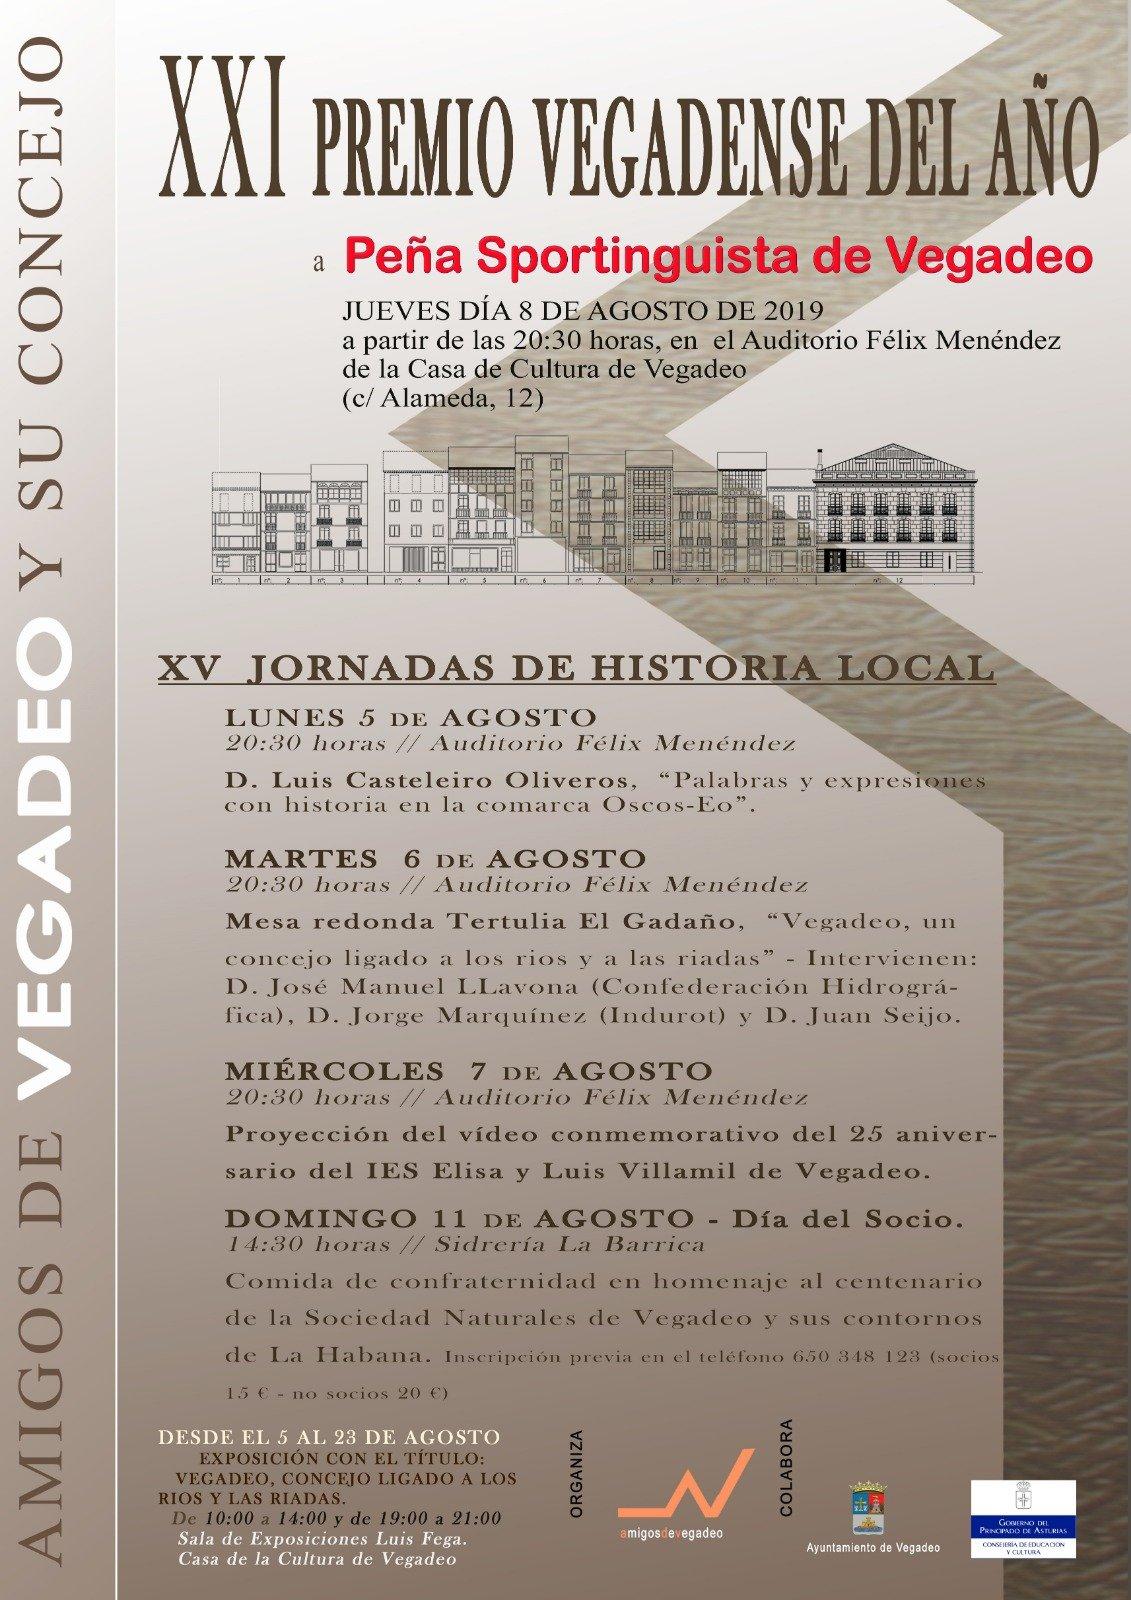 Actividades promovidas por la Asociación Amigos de Vegadeo y su concejo